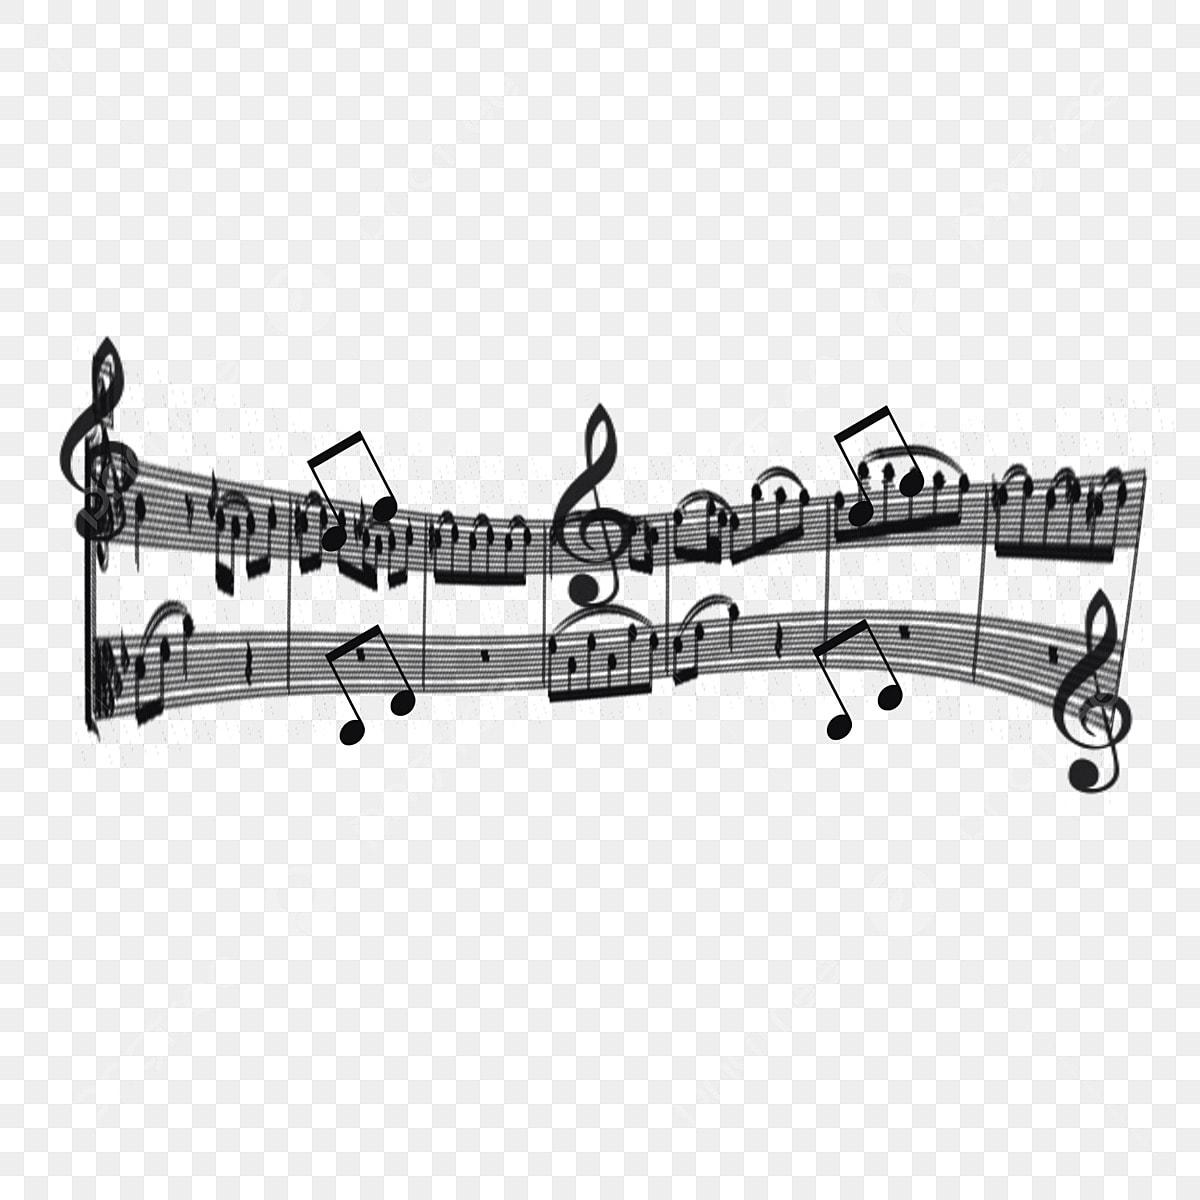 無料ダウンロードのための音符 音符 五線譜 楽譜png画像素材